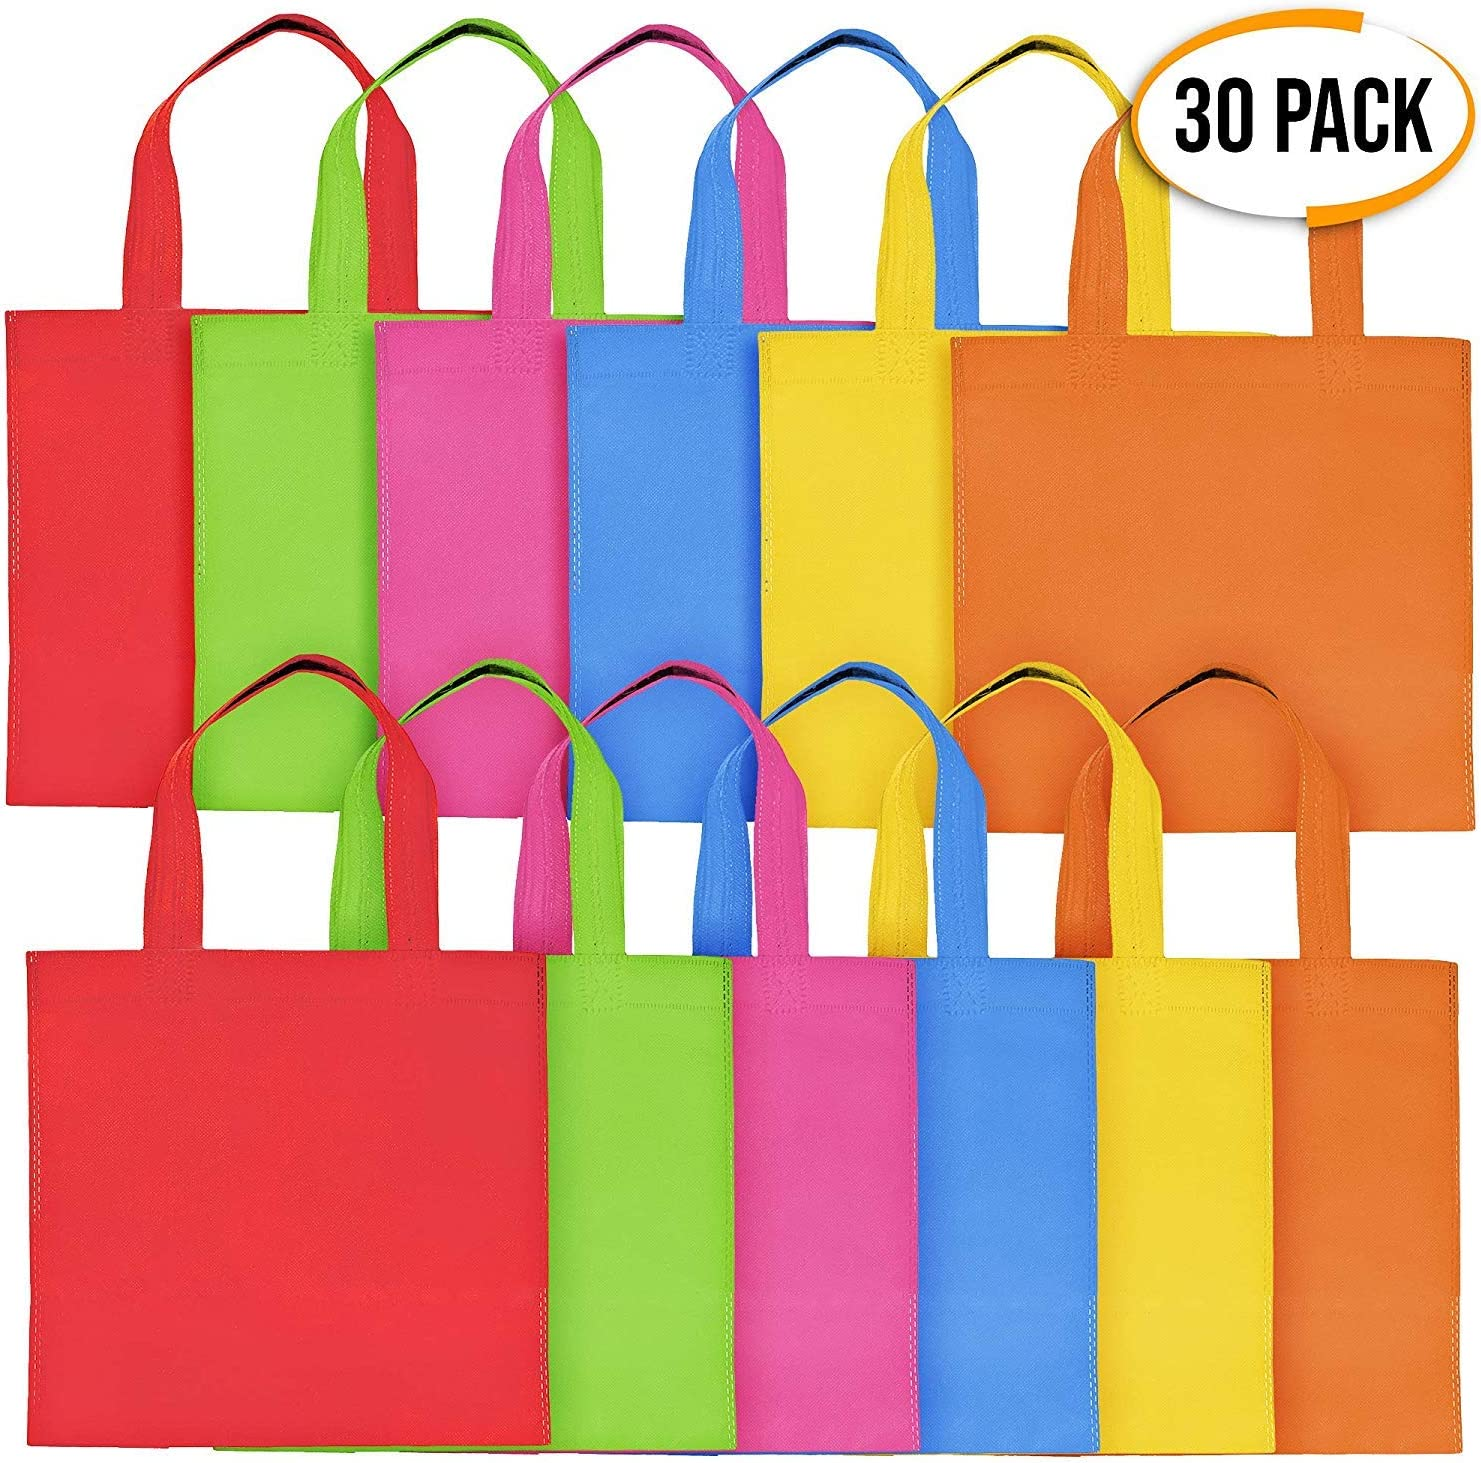 THE TWIDDLERS 30 Pack Bolsas No Tejidas con Asas para Niños - Bolsa De Cumpleaños Colores Variados Bolsos De Dulces Juguetes Caramelos - Artículos para Fiestas Party Favor Bolsas De Regalo